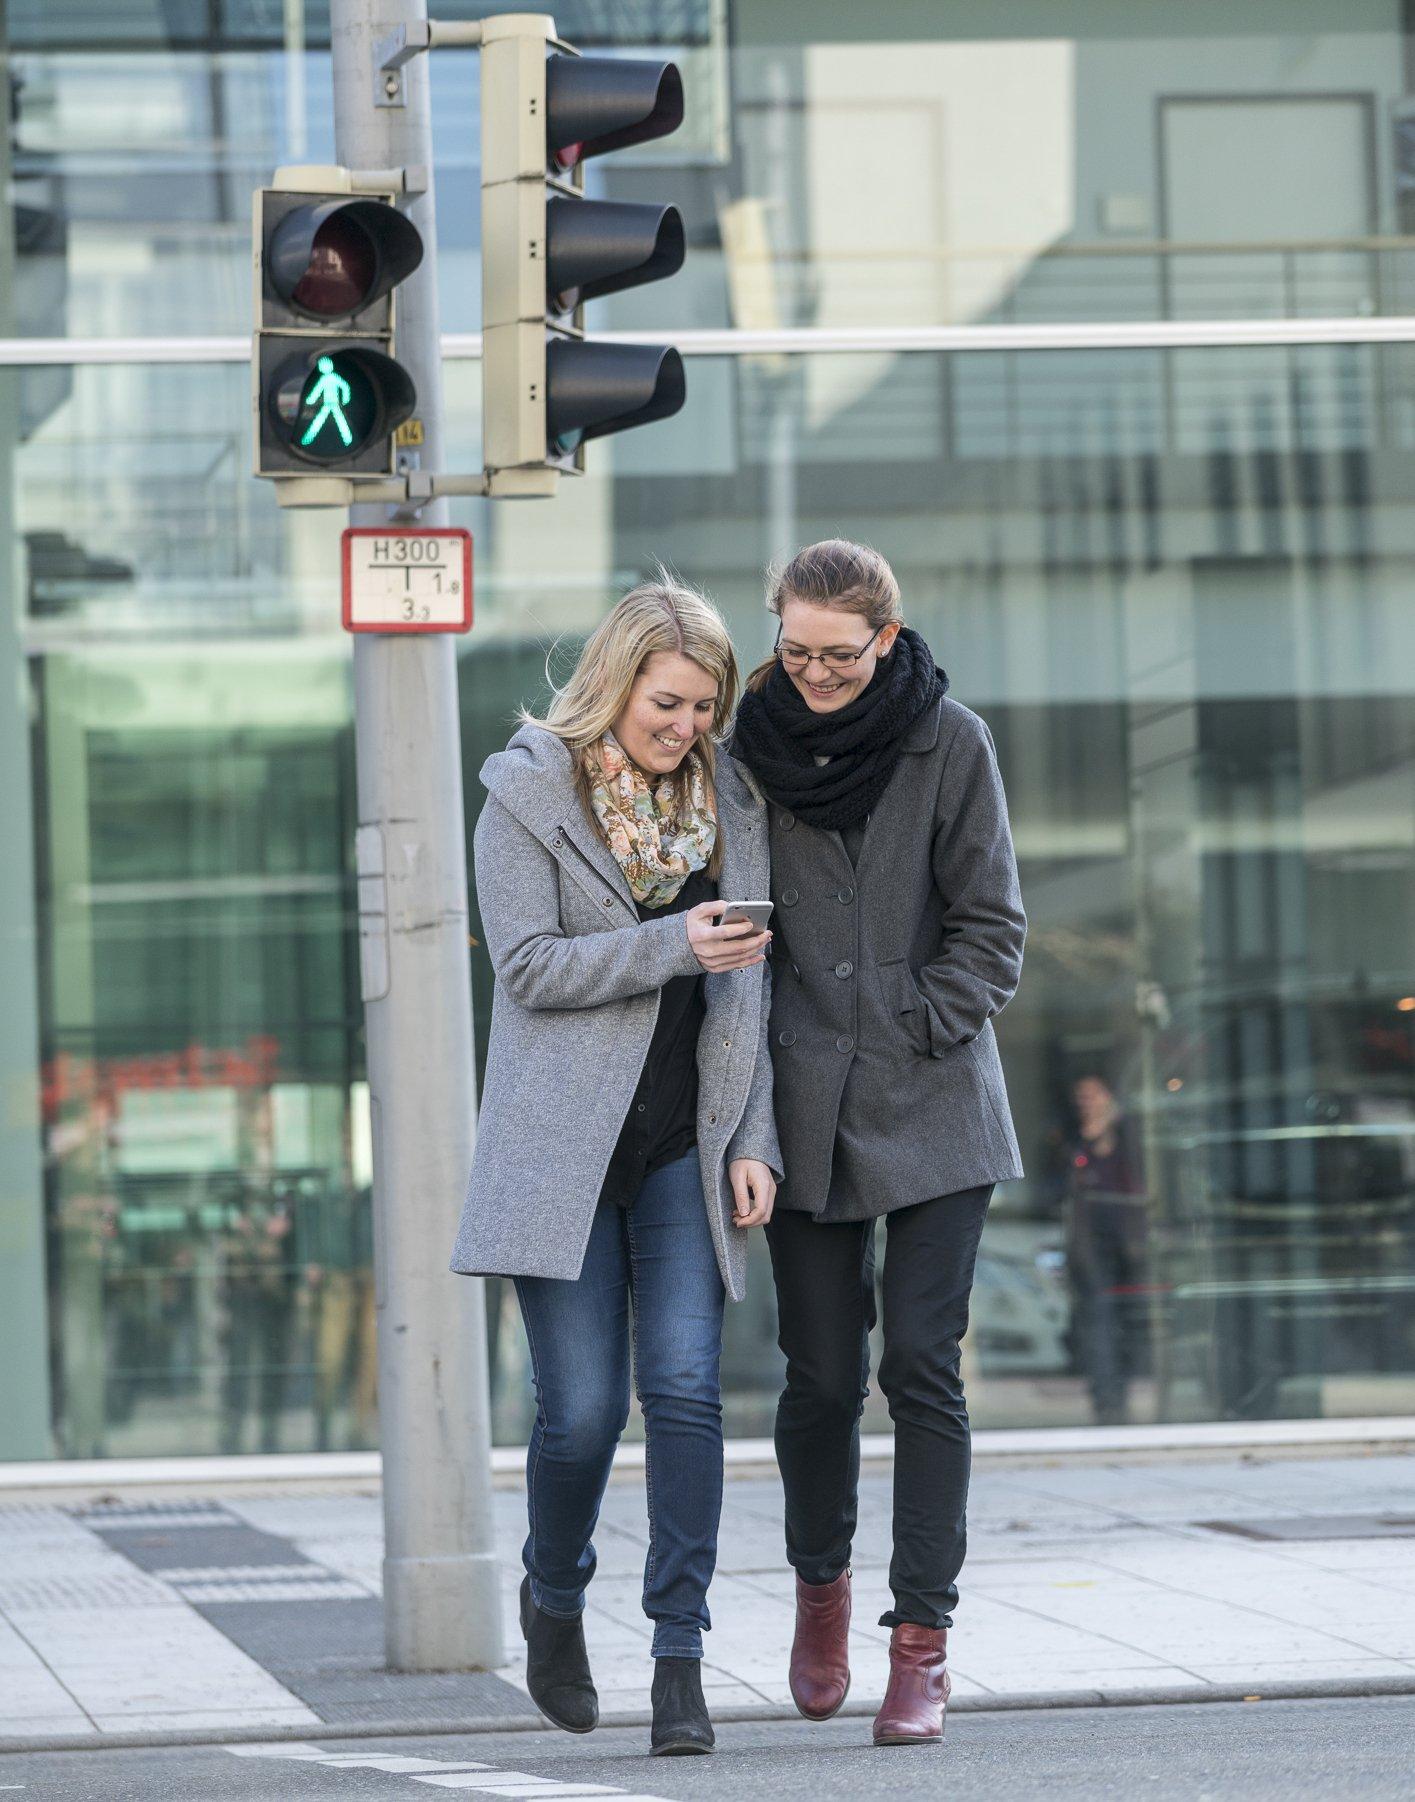 Immer häufiger achten Fußgänger nicht auf den Verkehr, sondern auf ihr Smartphone.